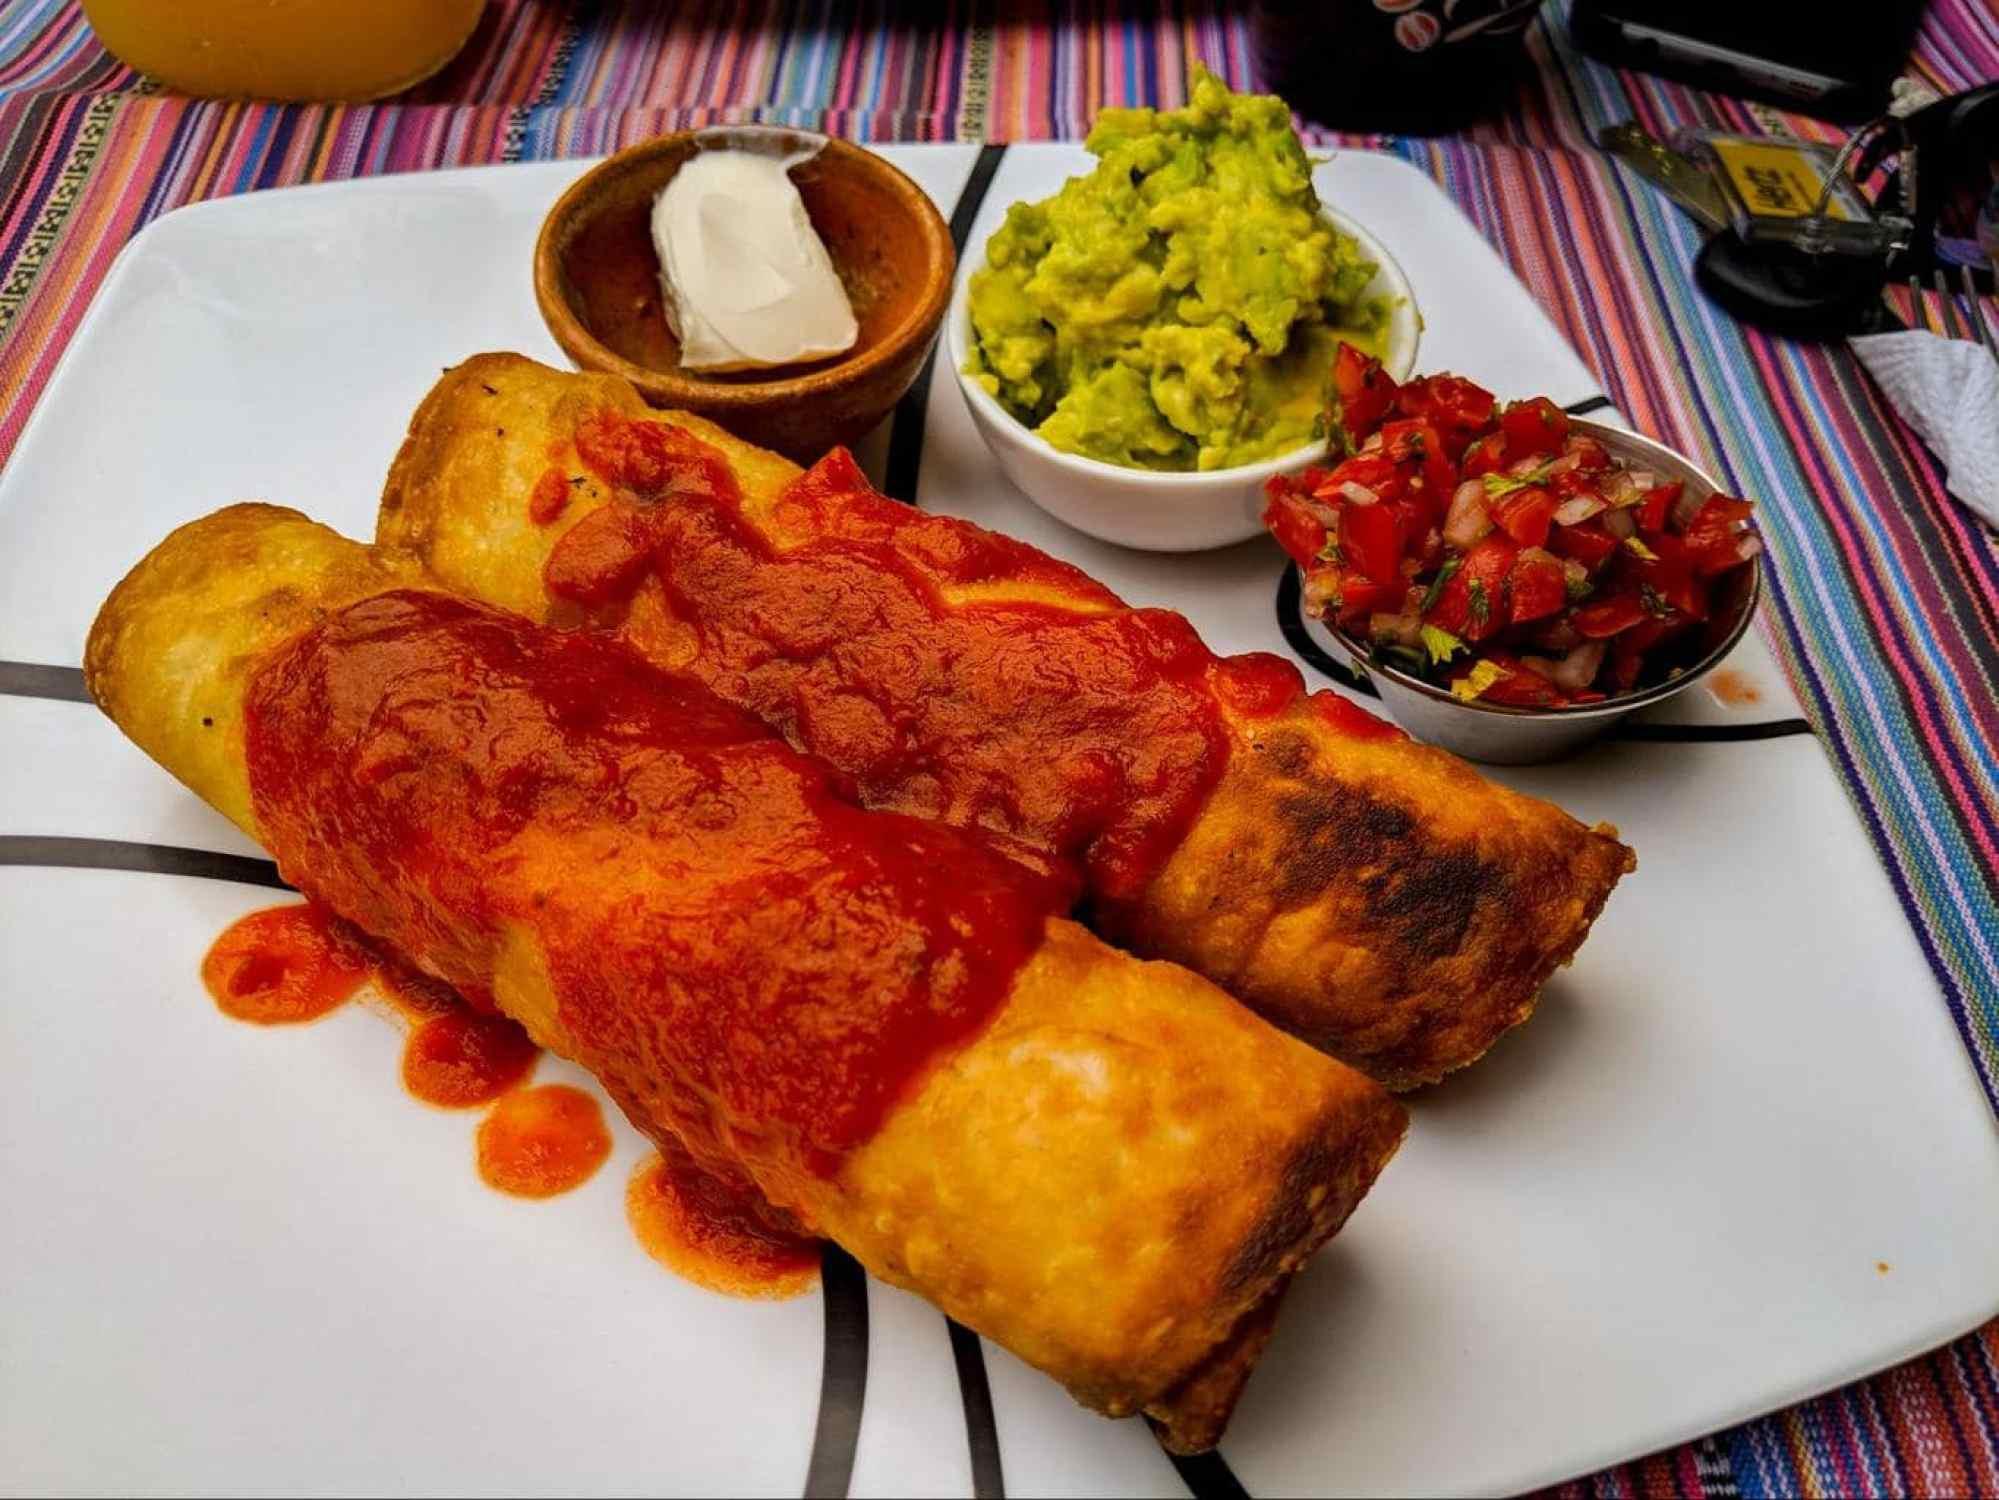 Flautas, rolled tortillas